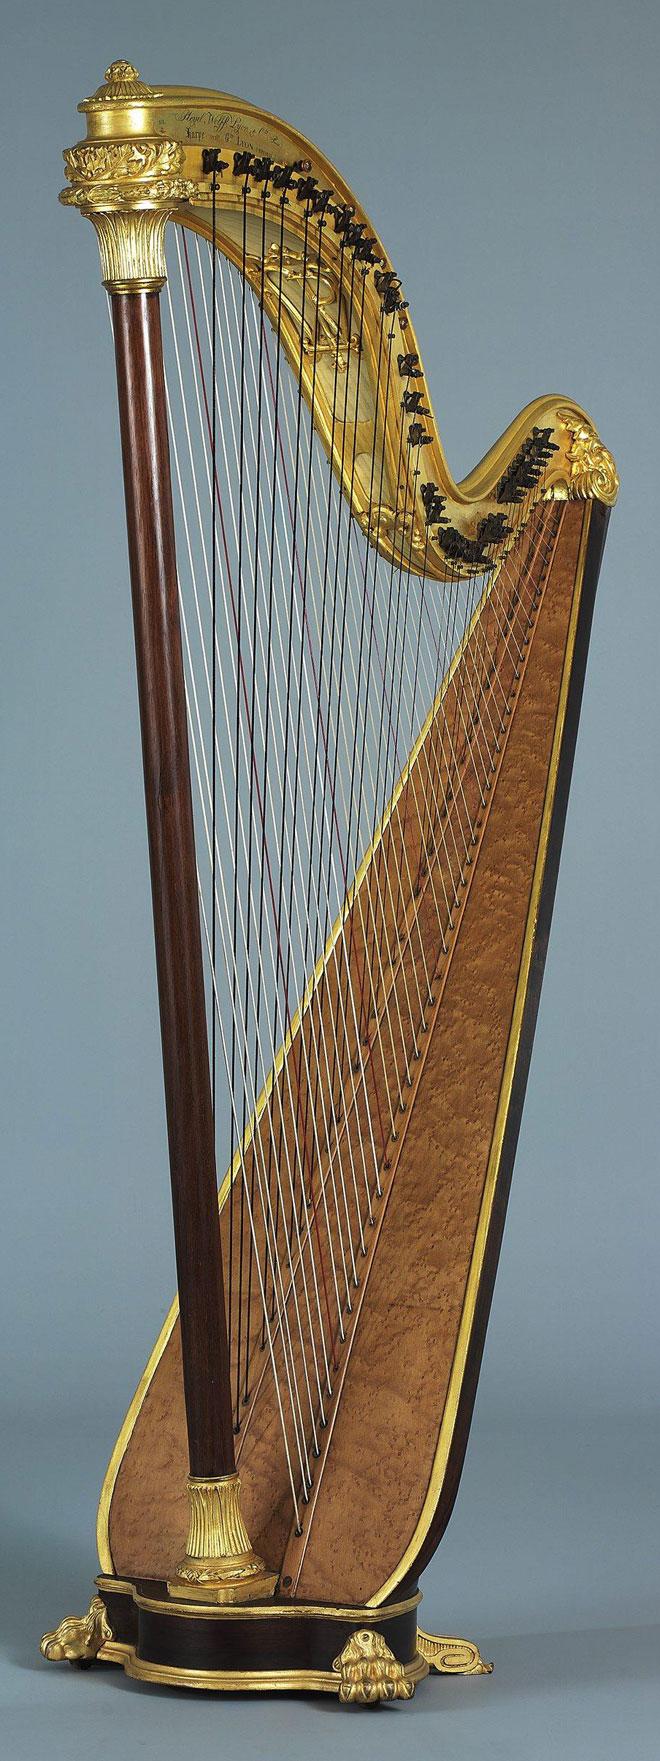 Harpe chromatique © Jean-Marc Anglès (photo) - Musée de la musique - Philharmonie de Paris